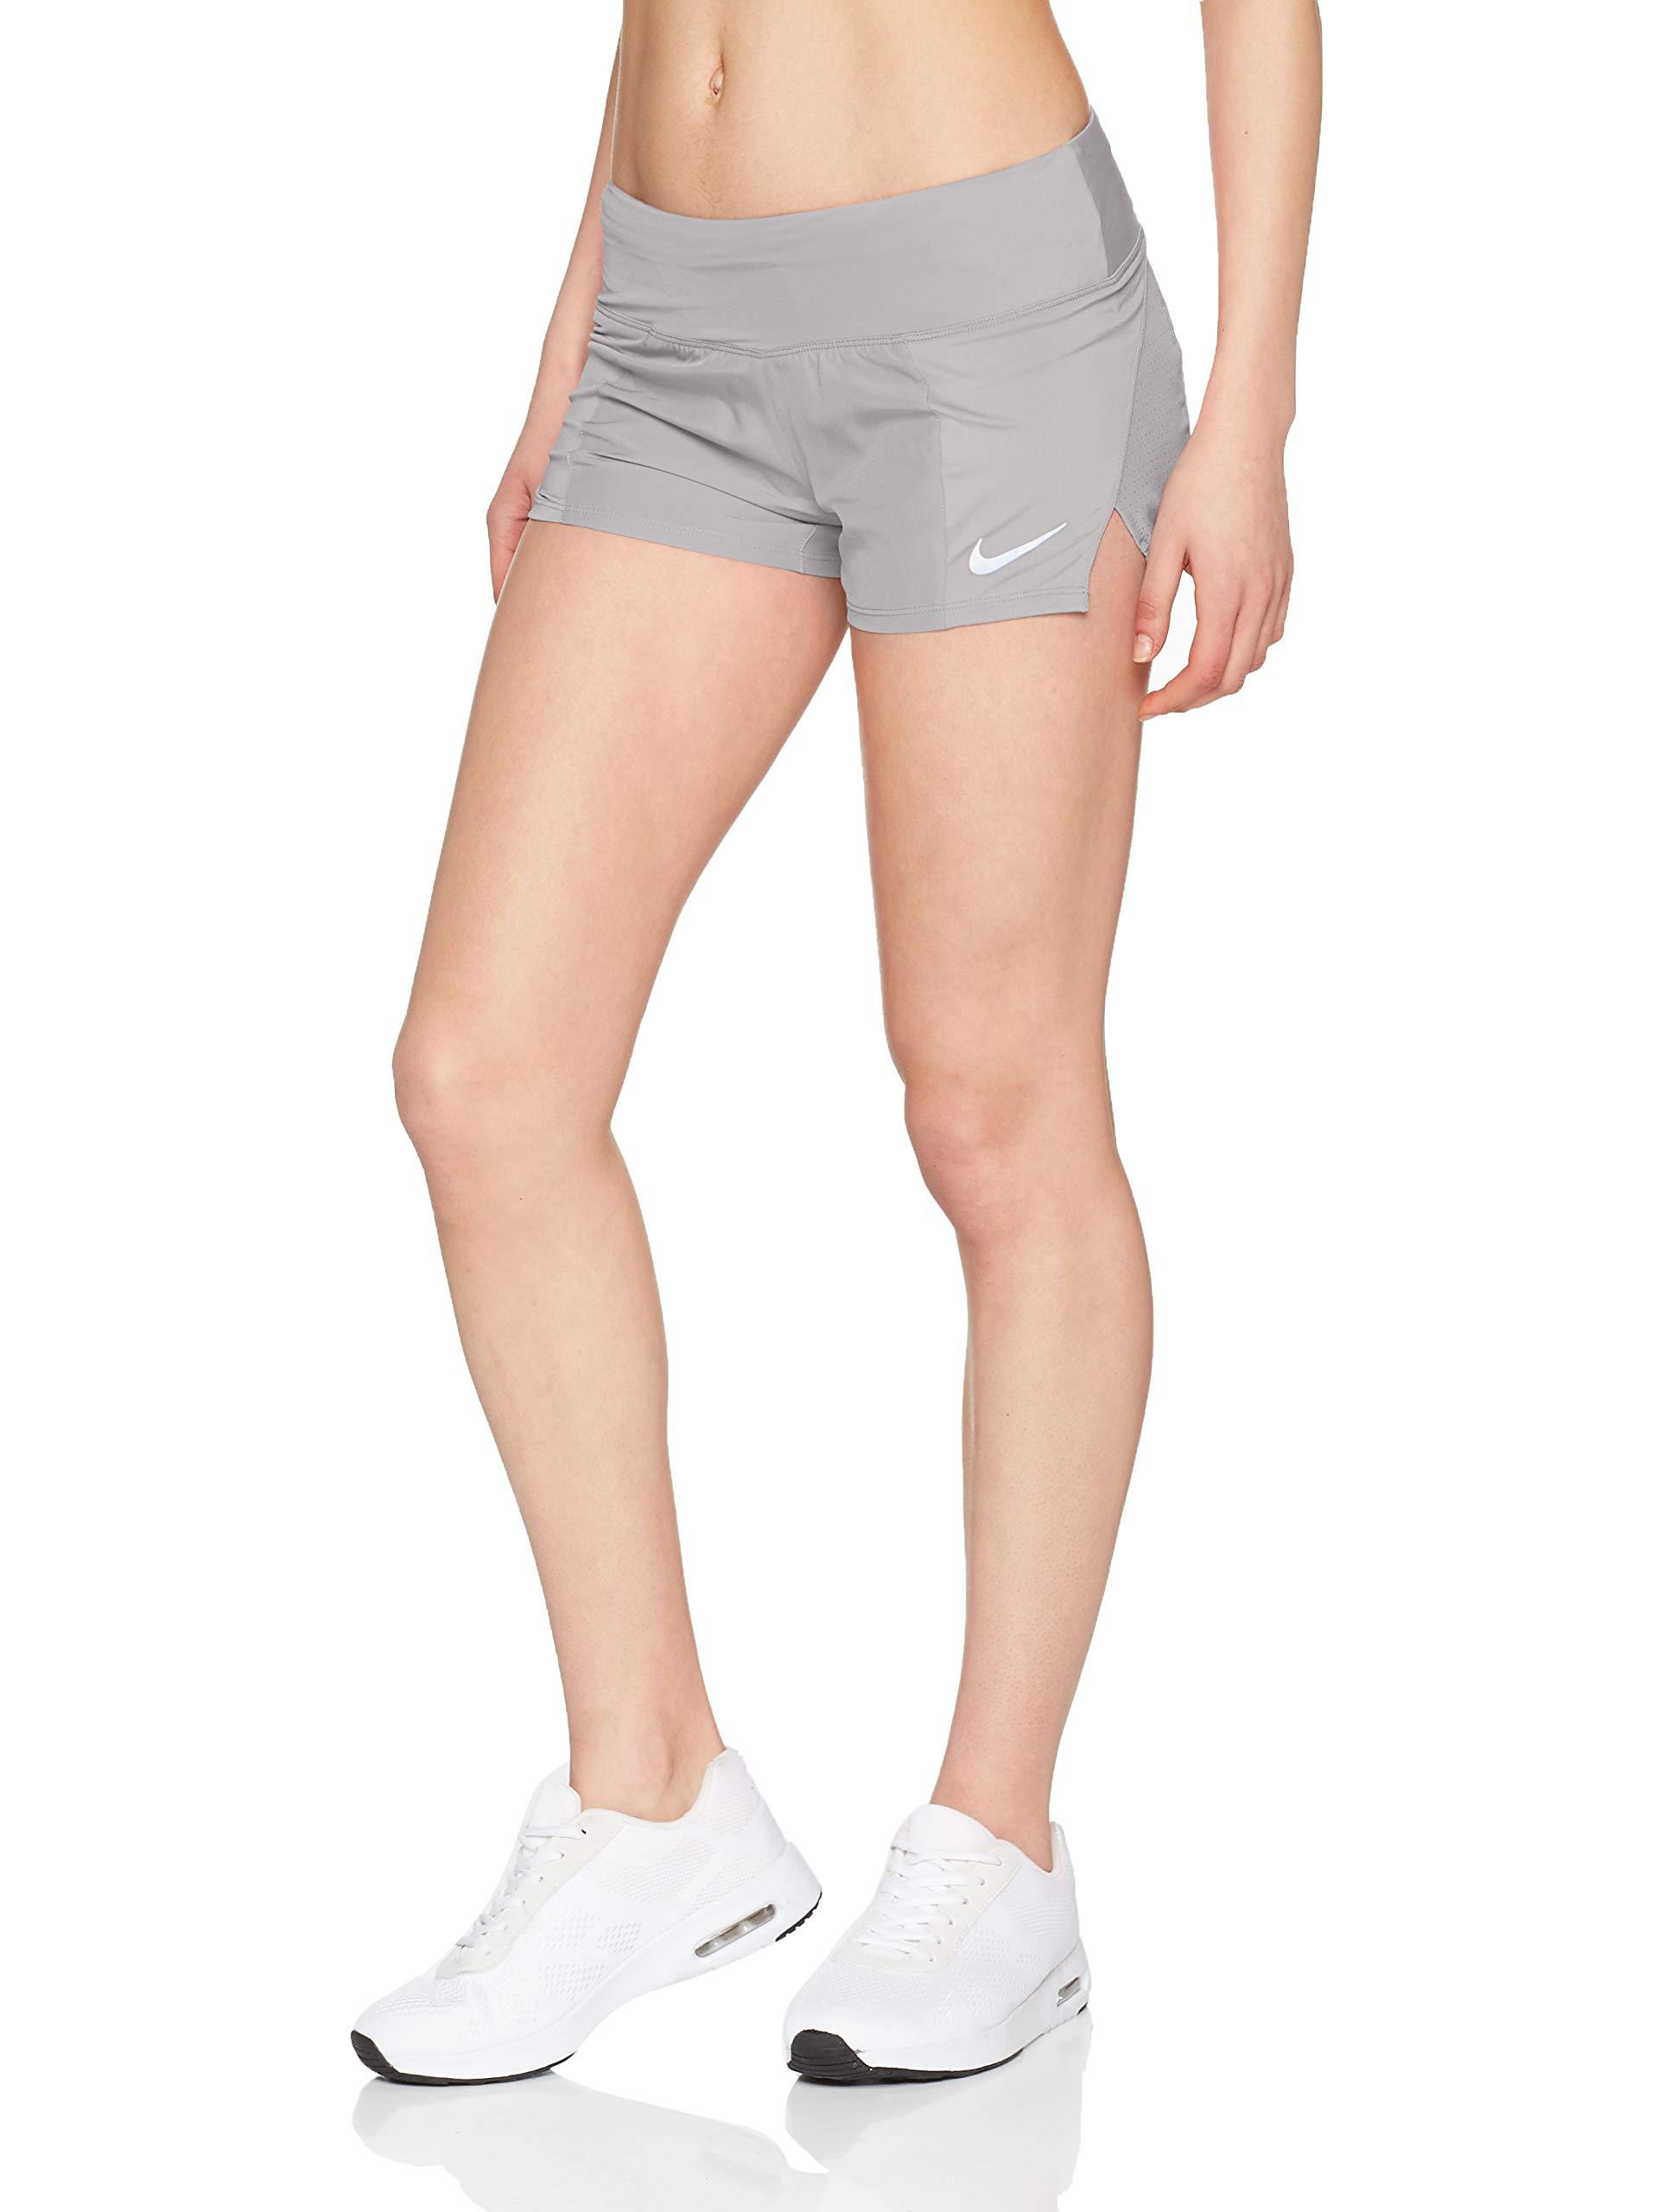 Pantalones Cortos Nike Mujer Tienda Online De Zapatos Ropa Y Complementos De Marca